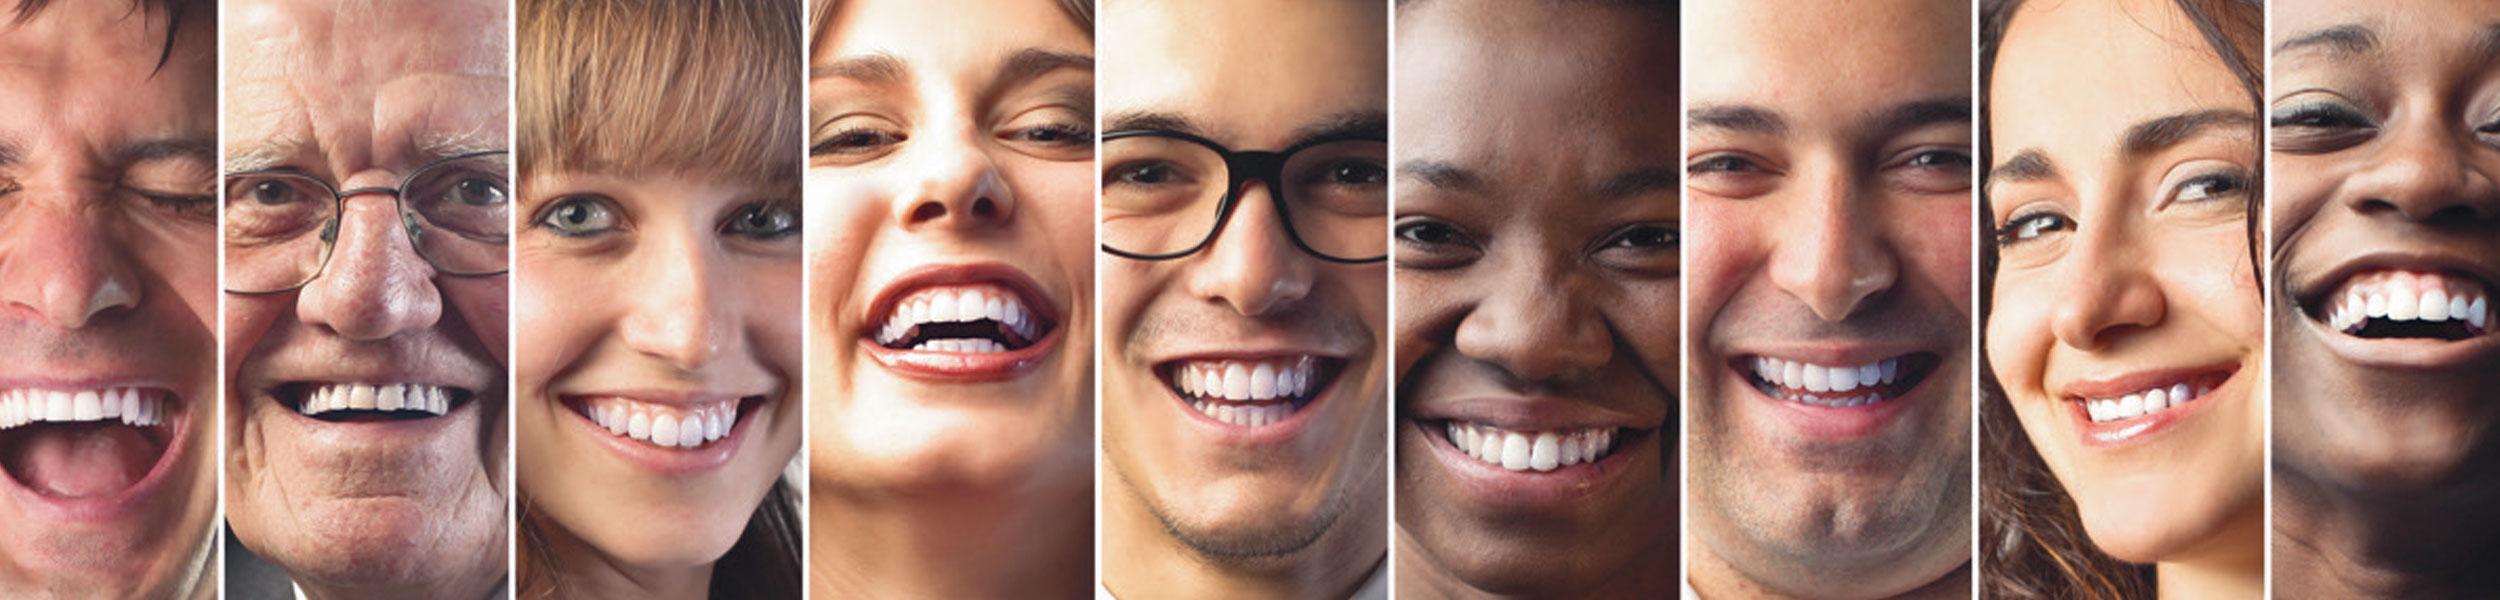 soins préventifs pour des dents en santé